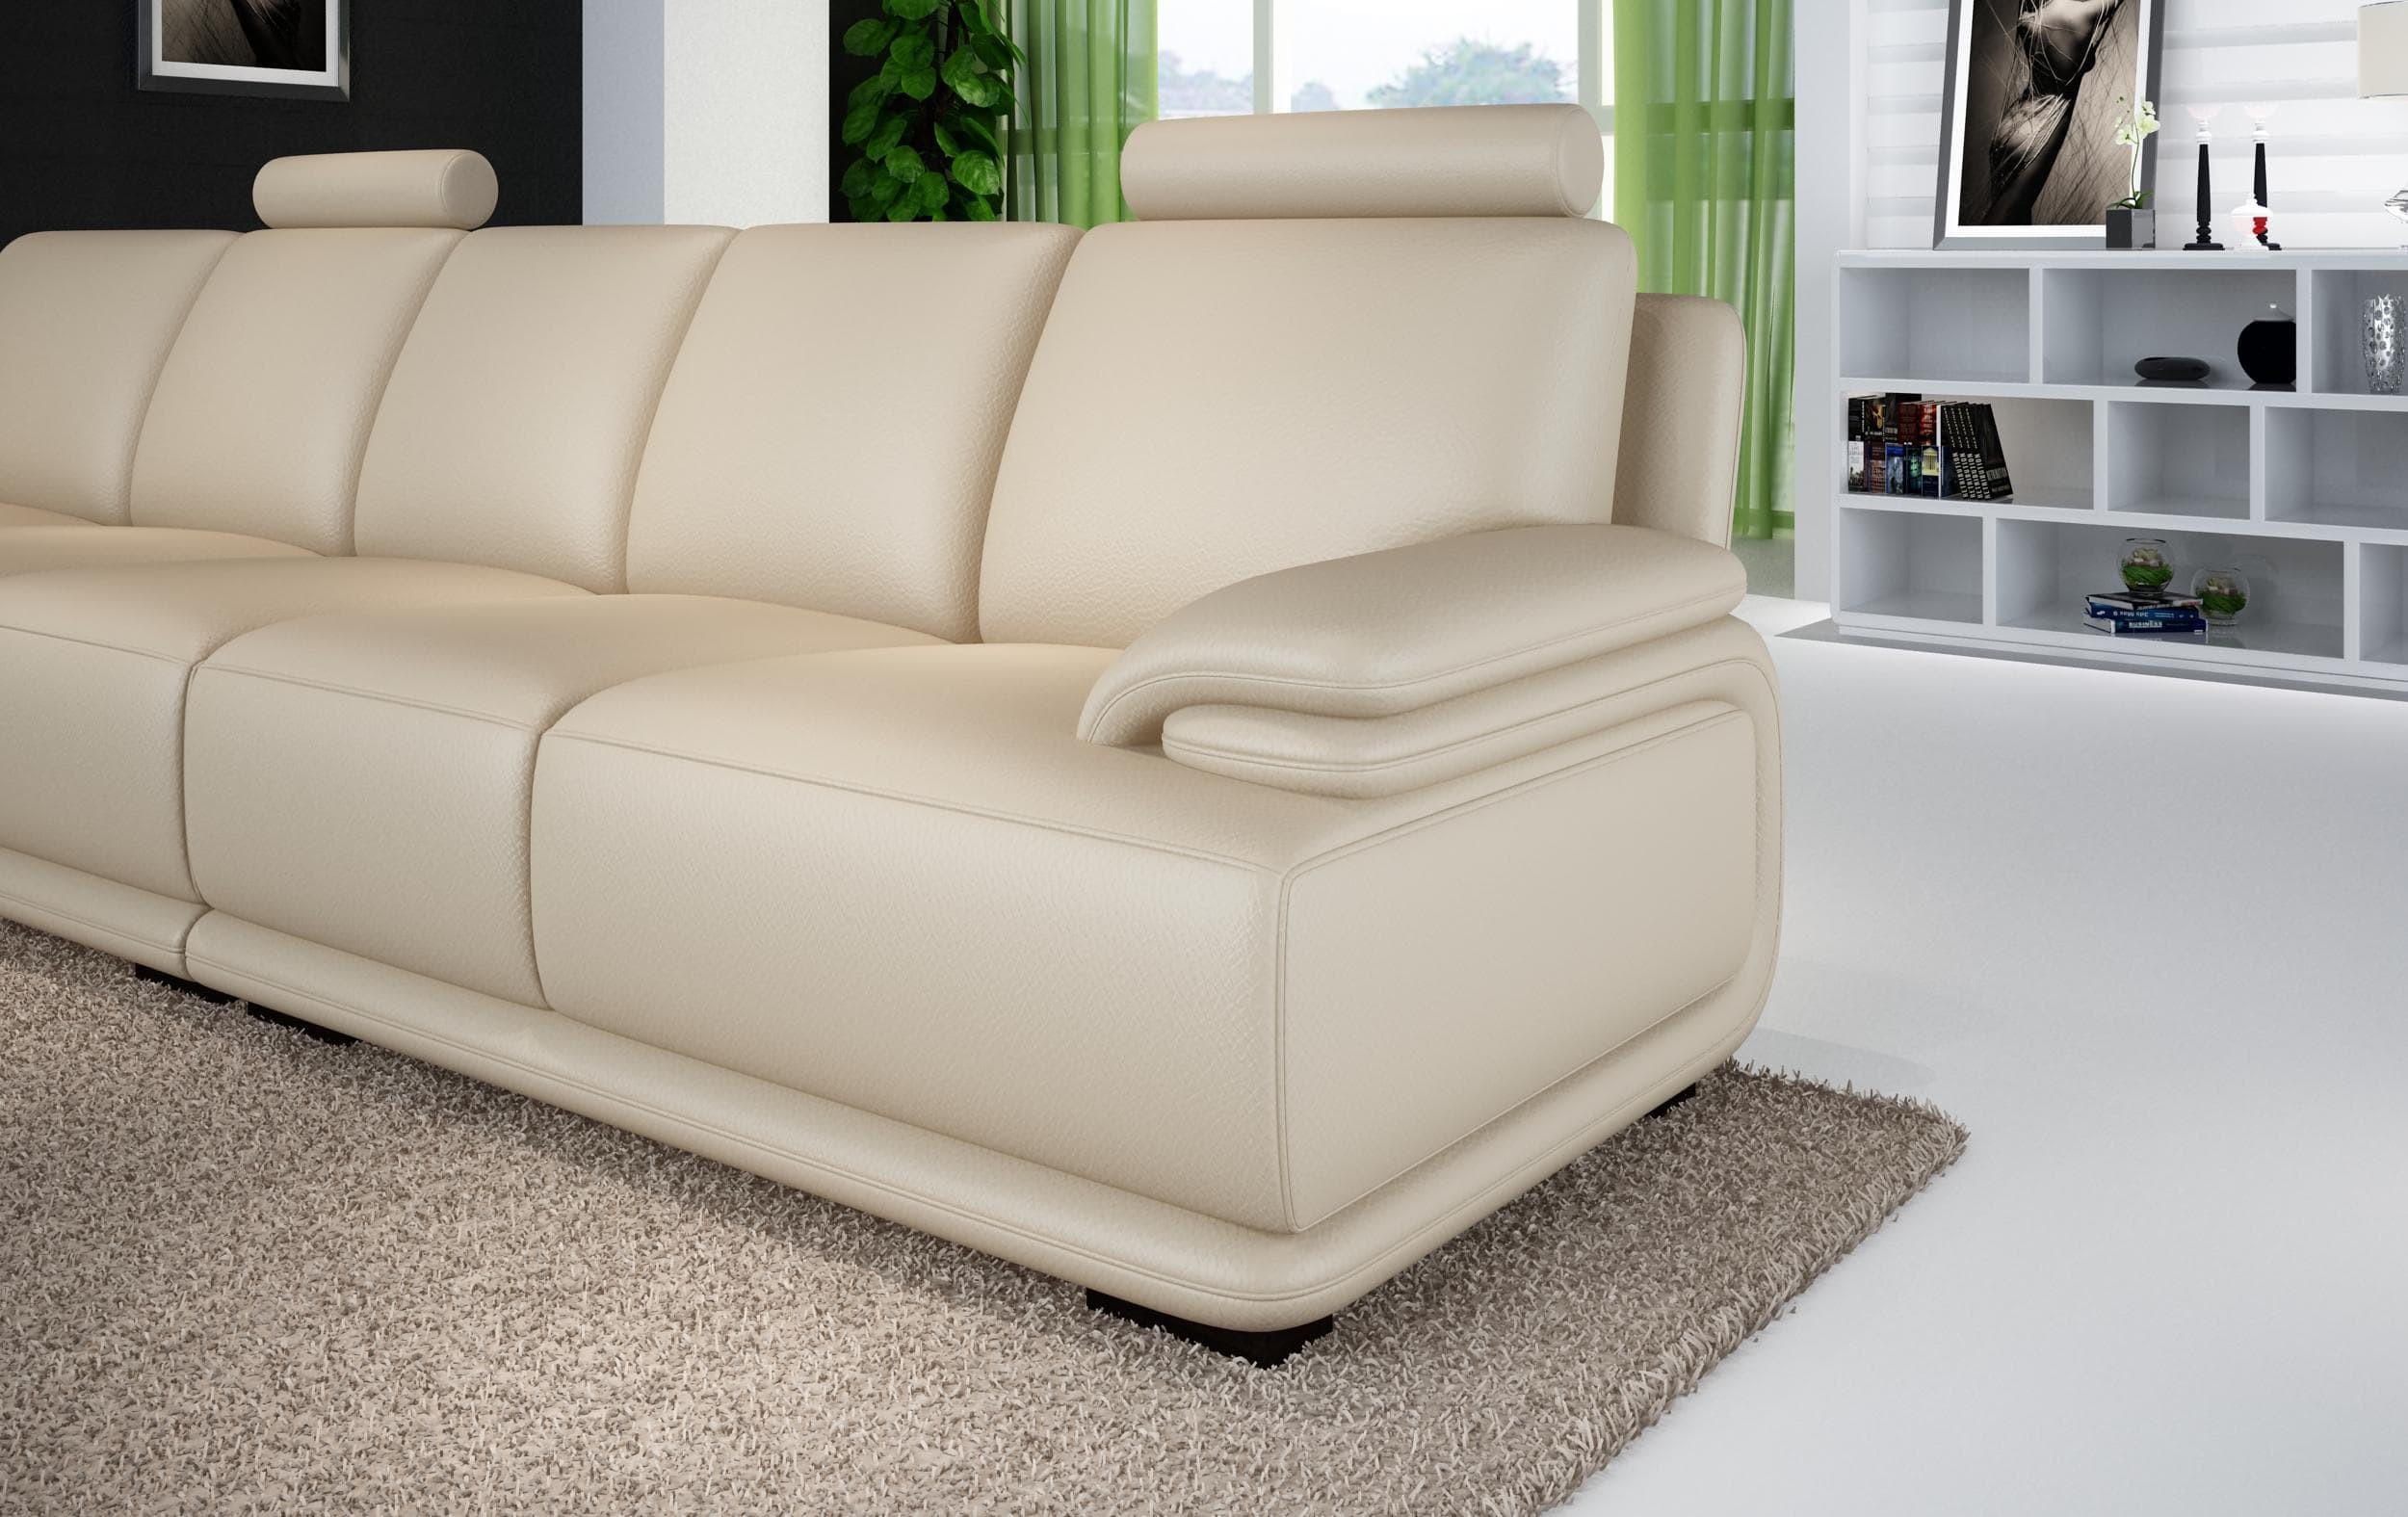 Conforama Housse De Canapé Luxe Photos Mini Canapé Pour Chambre Unique Lit En Hauteur Conforama 19 Superpos